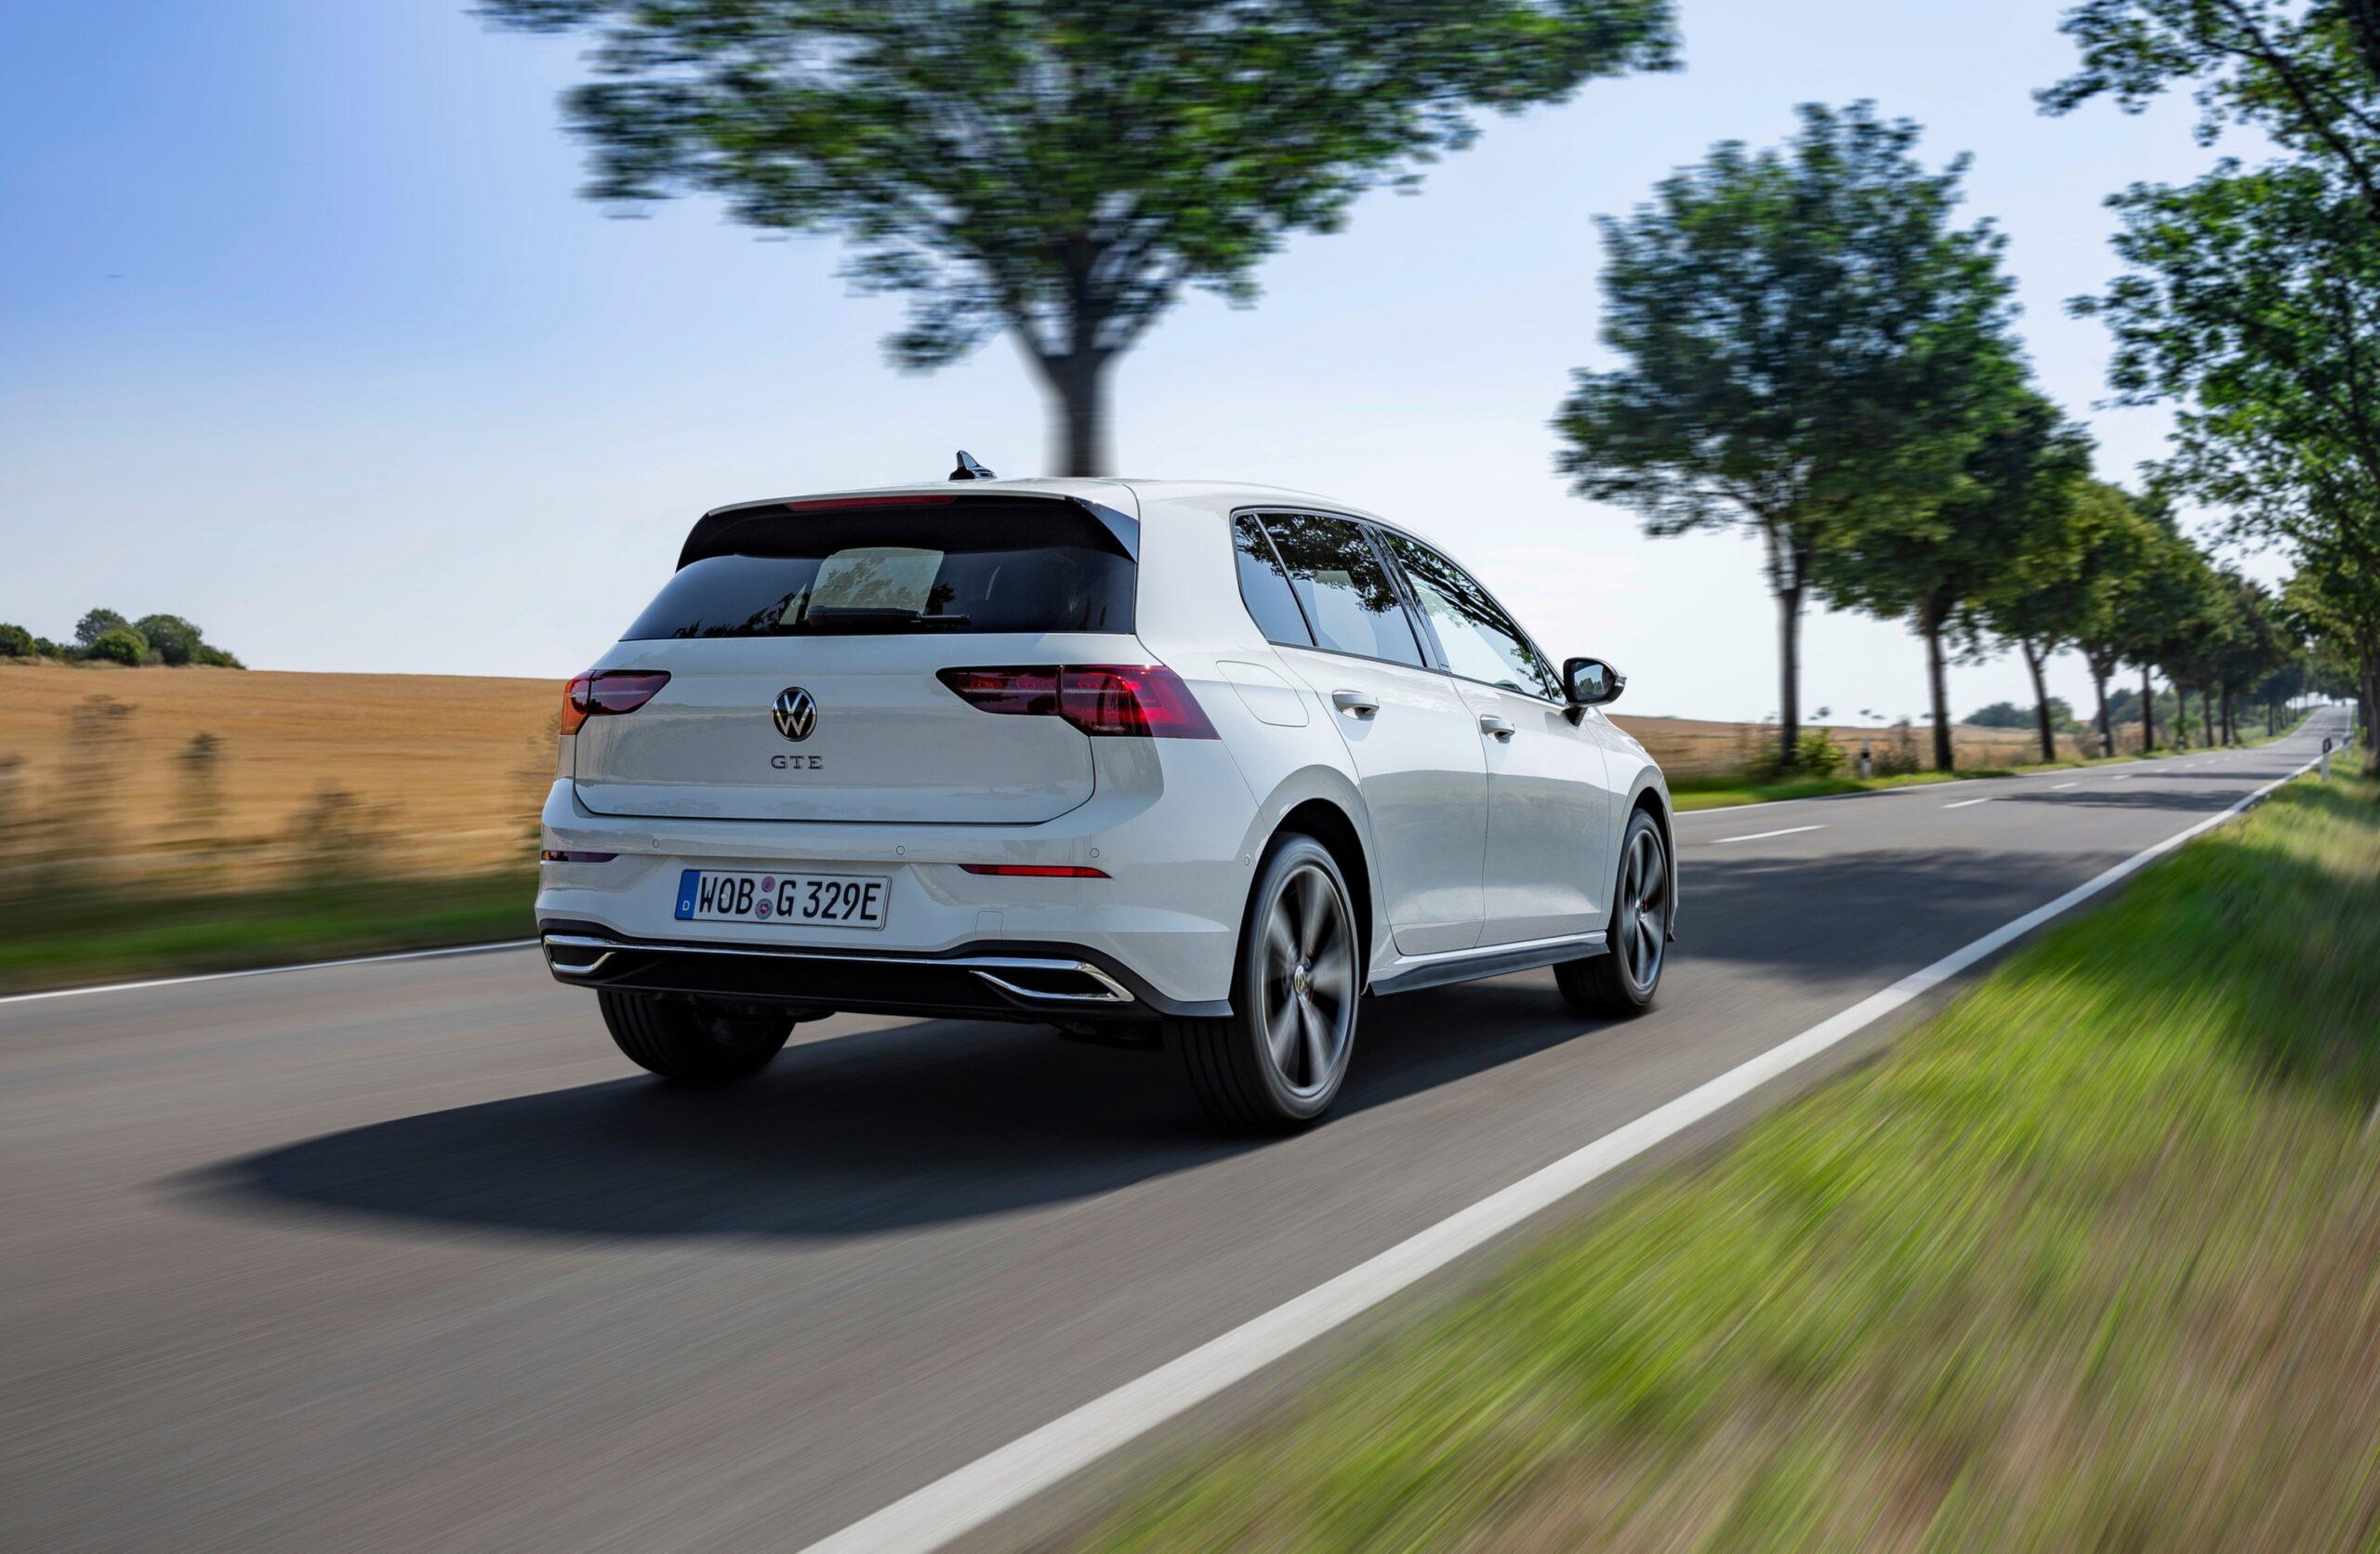 Si amplia l'offerta ibrida di Volkswagen Golf ed è in arrivo una novità 2